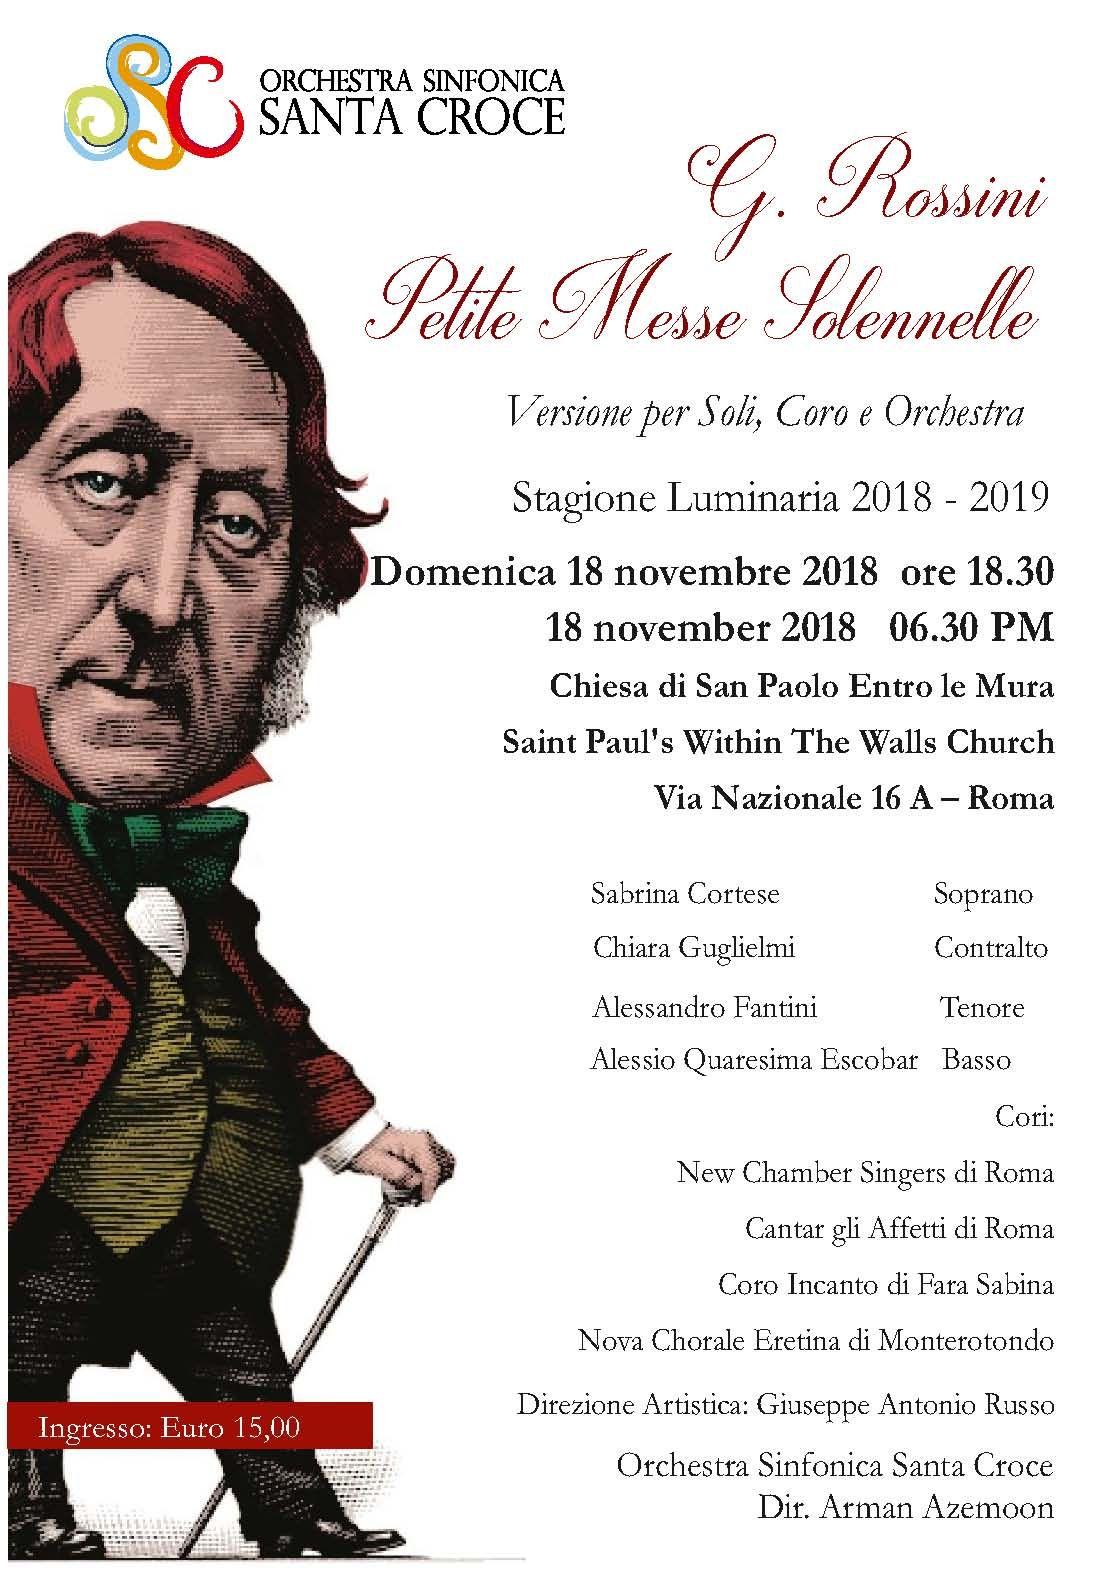 Petite Messe Solennelle versione per Soli Coro e Orchestra